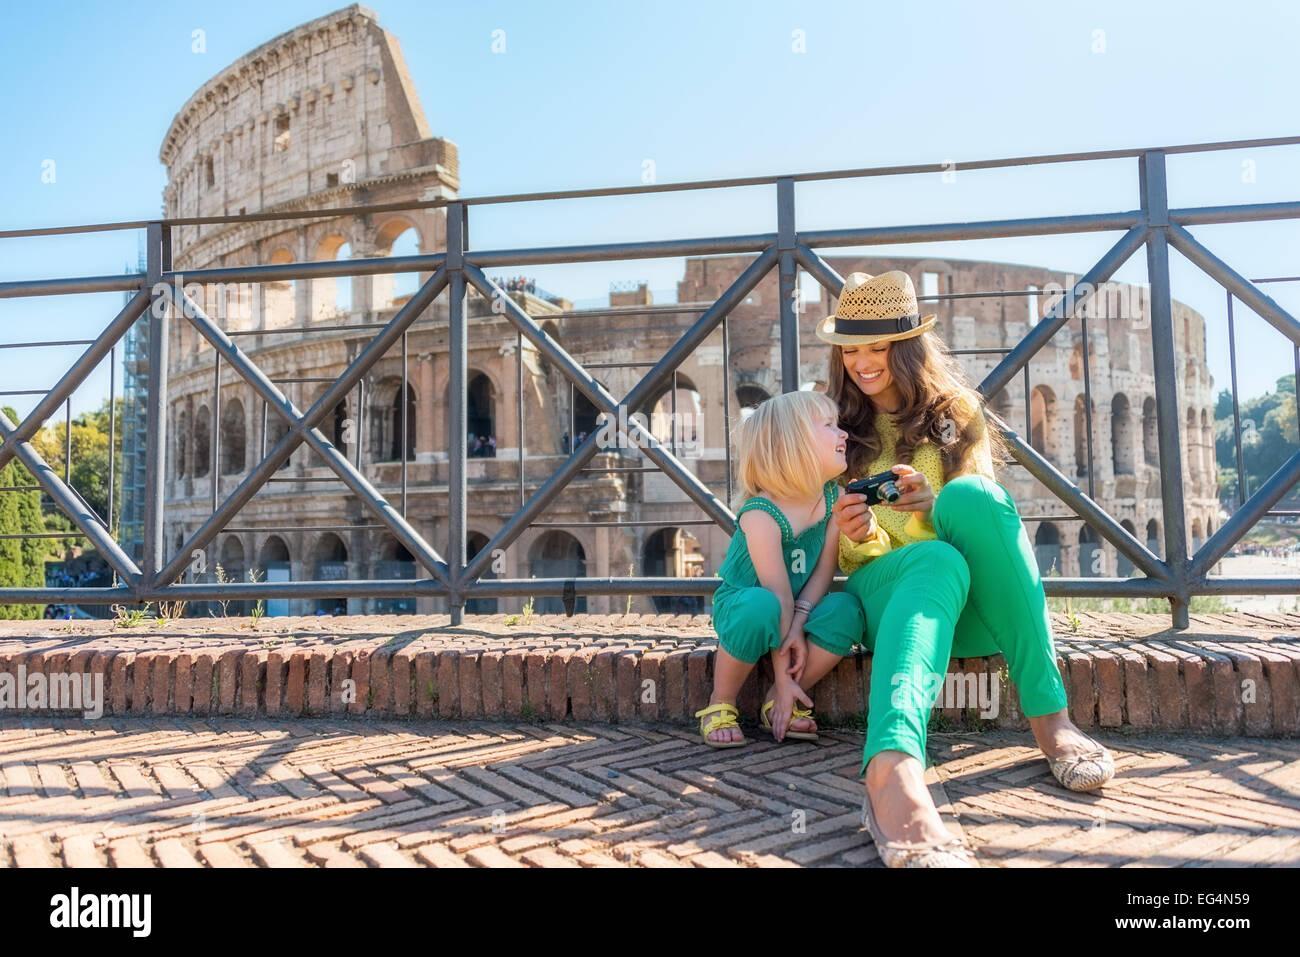 La madre e il bambino ragazza seduta davanti al Colosseo a Roma, Italia Foto Stock